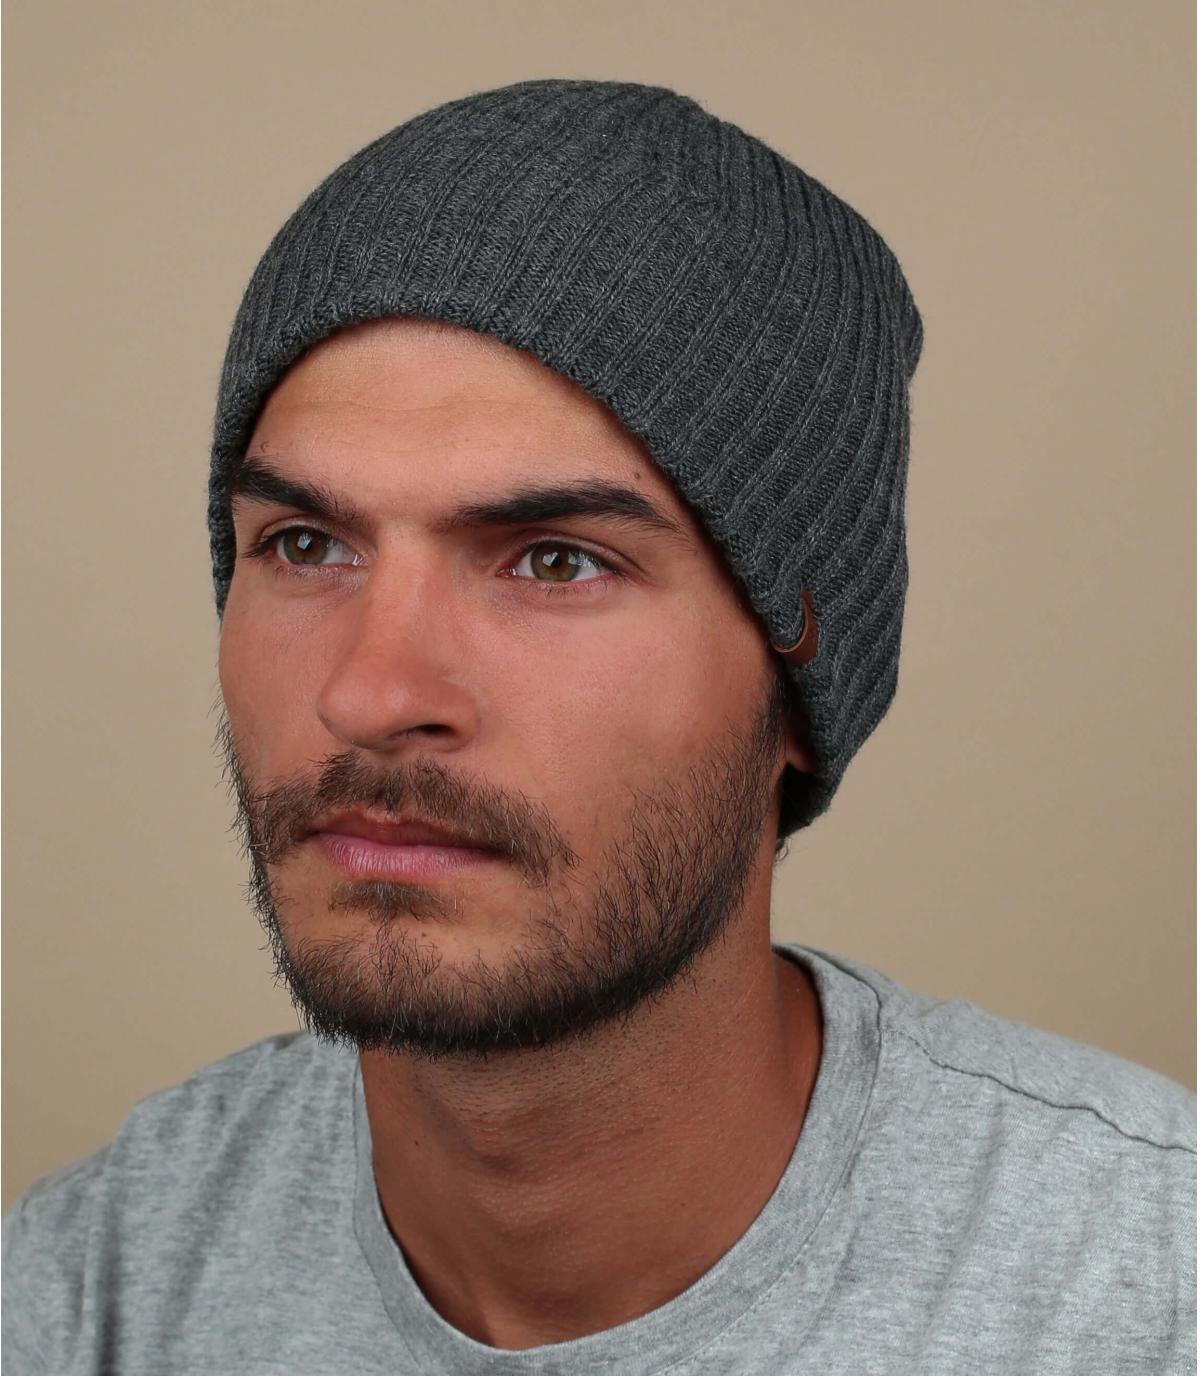 Mütze wilbert grau